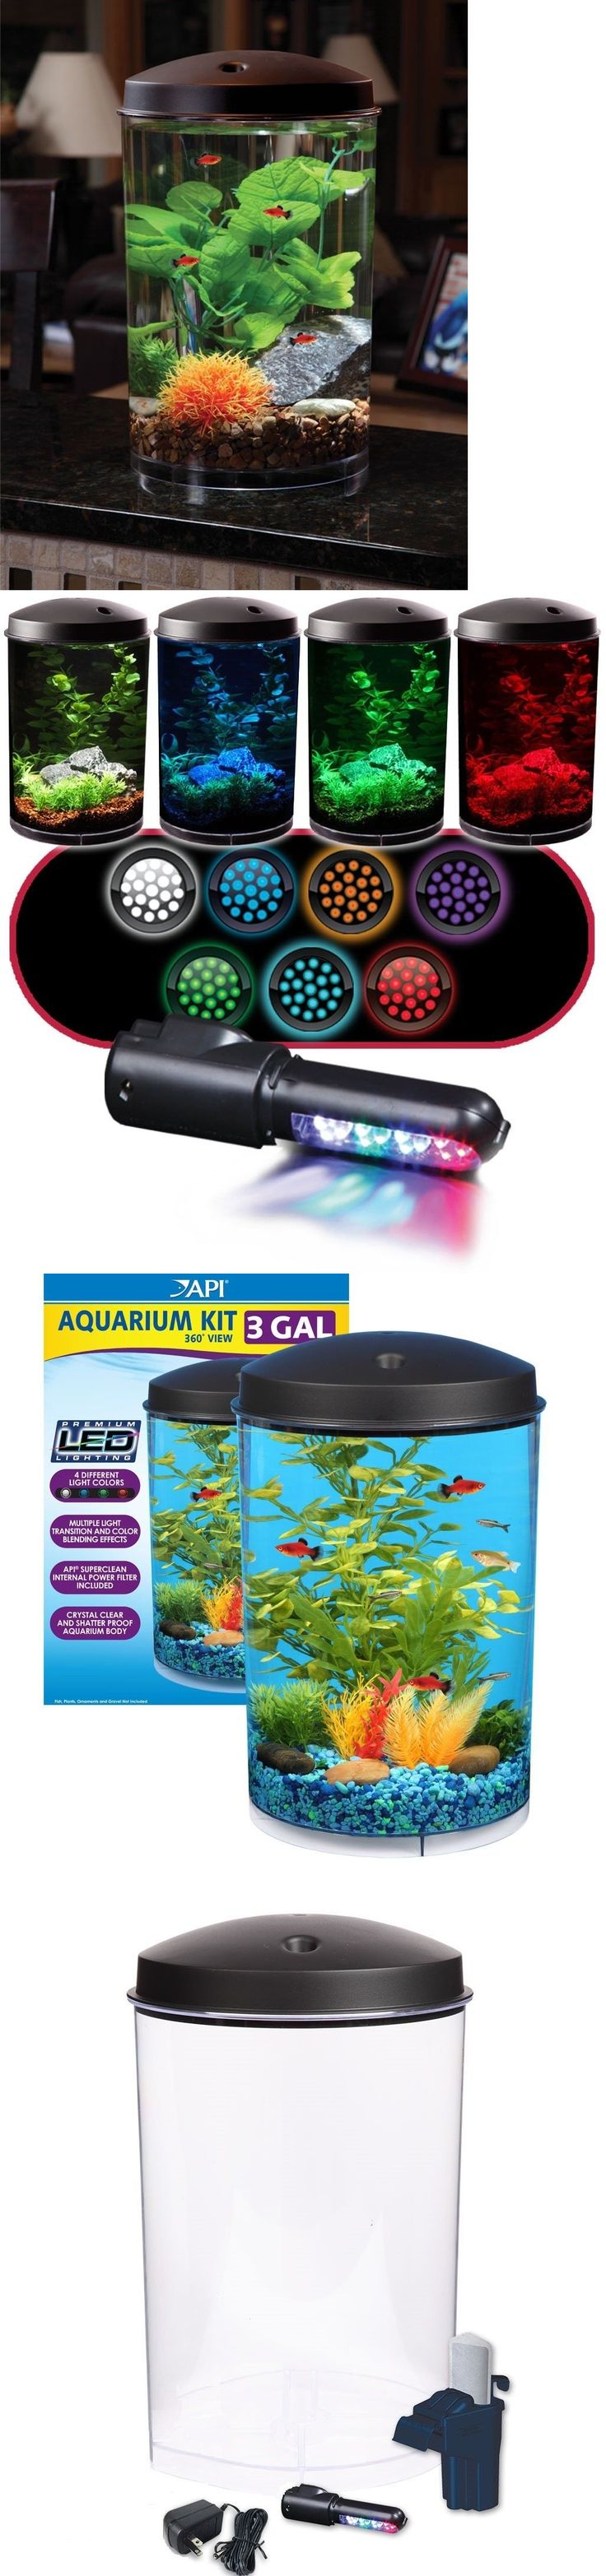 1179cc8656e78f73c532d722bdd30769 Unique De Couvercle Aquarium Conception